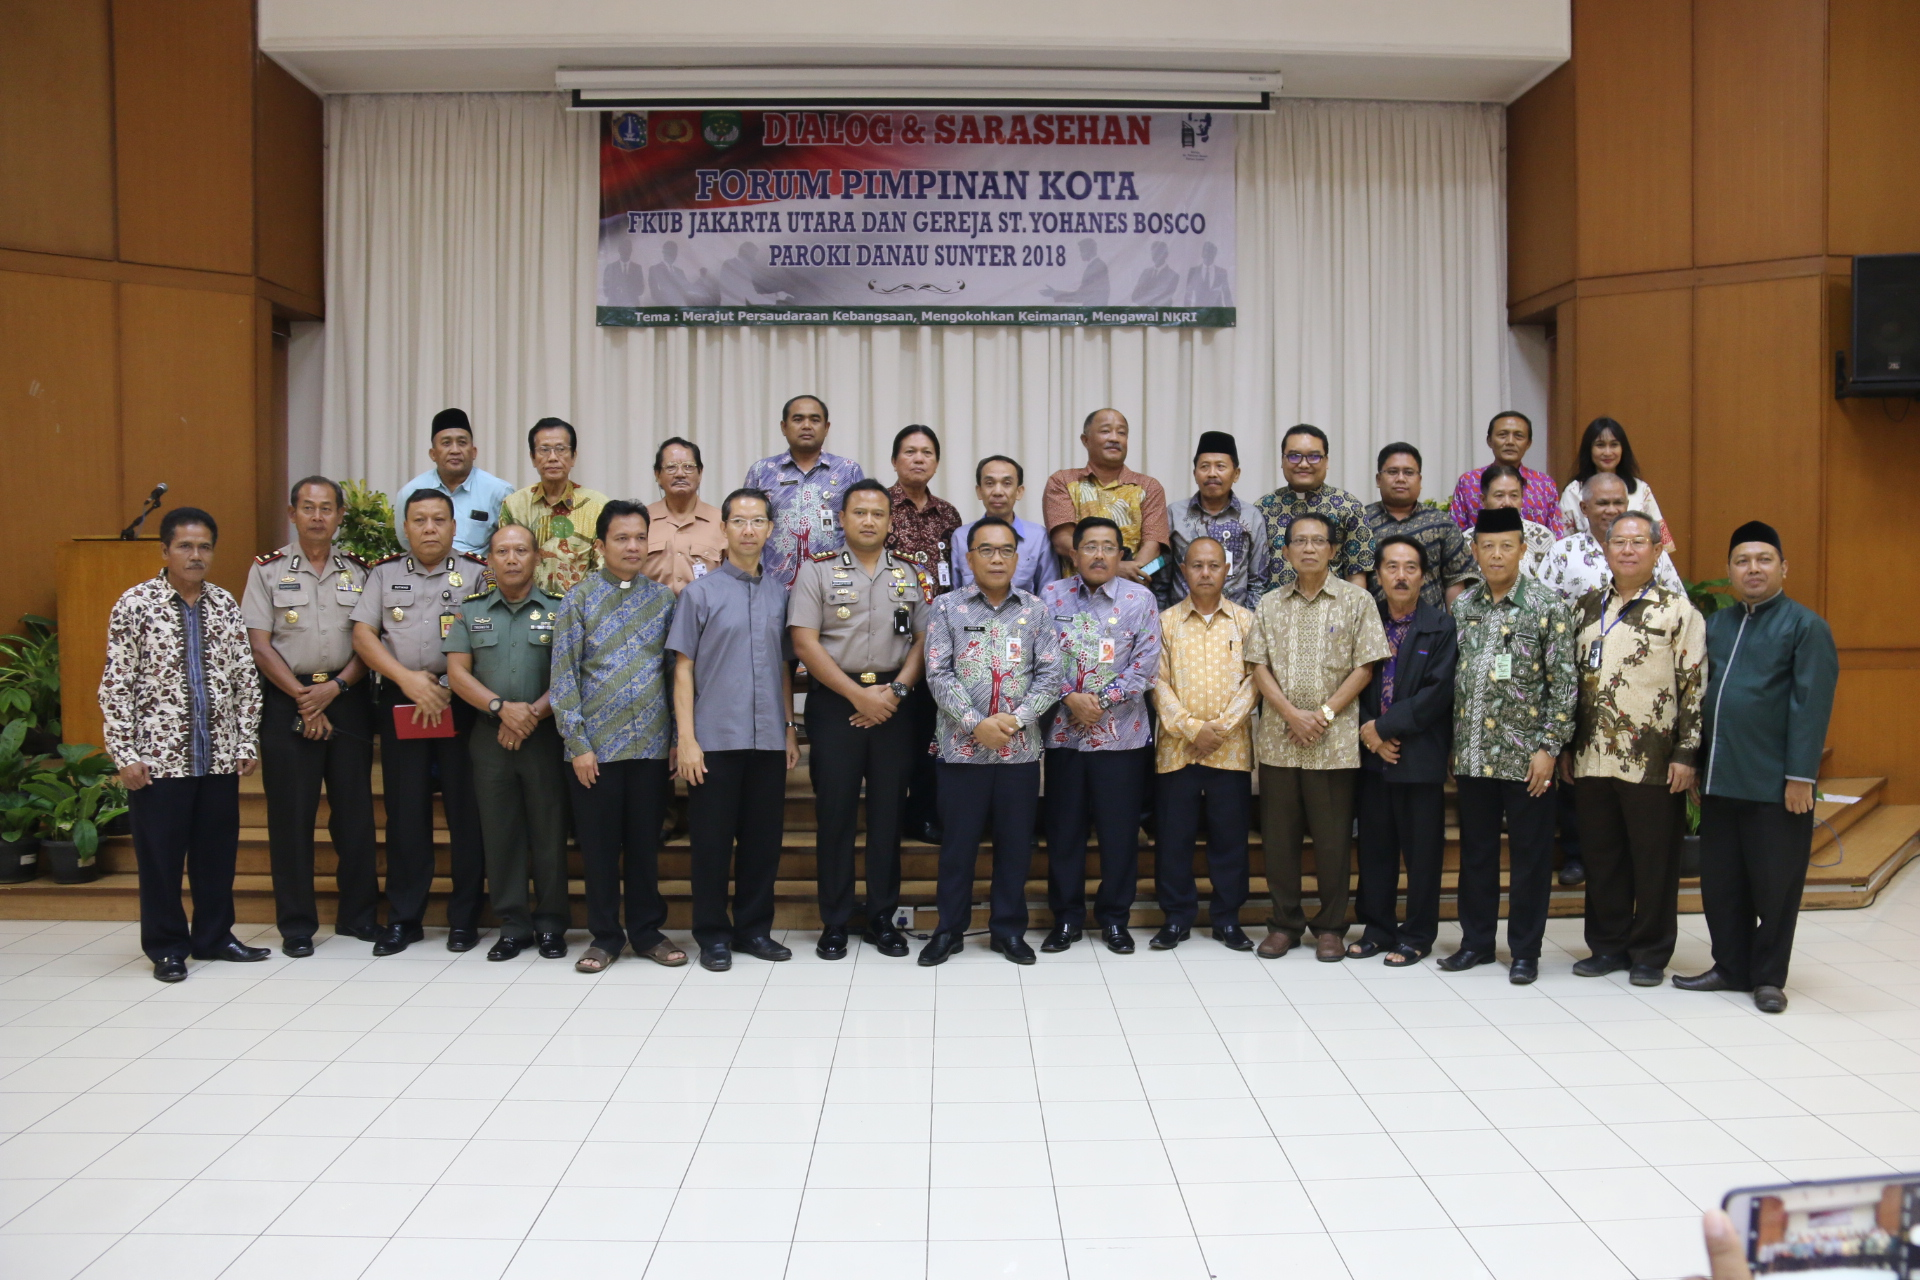 Pemerintah Kota Administrasi Jakarta Utara Jelang Bulan Ramadhan Fok Gelar